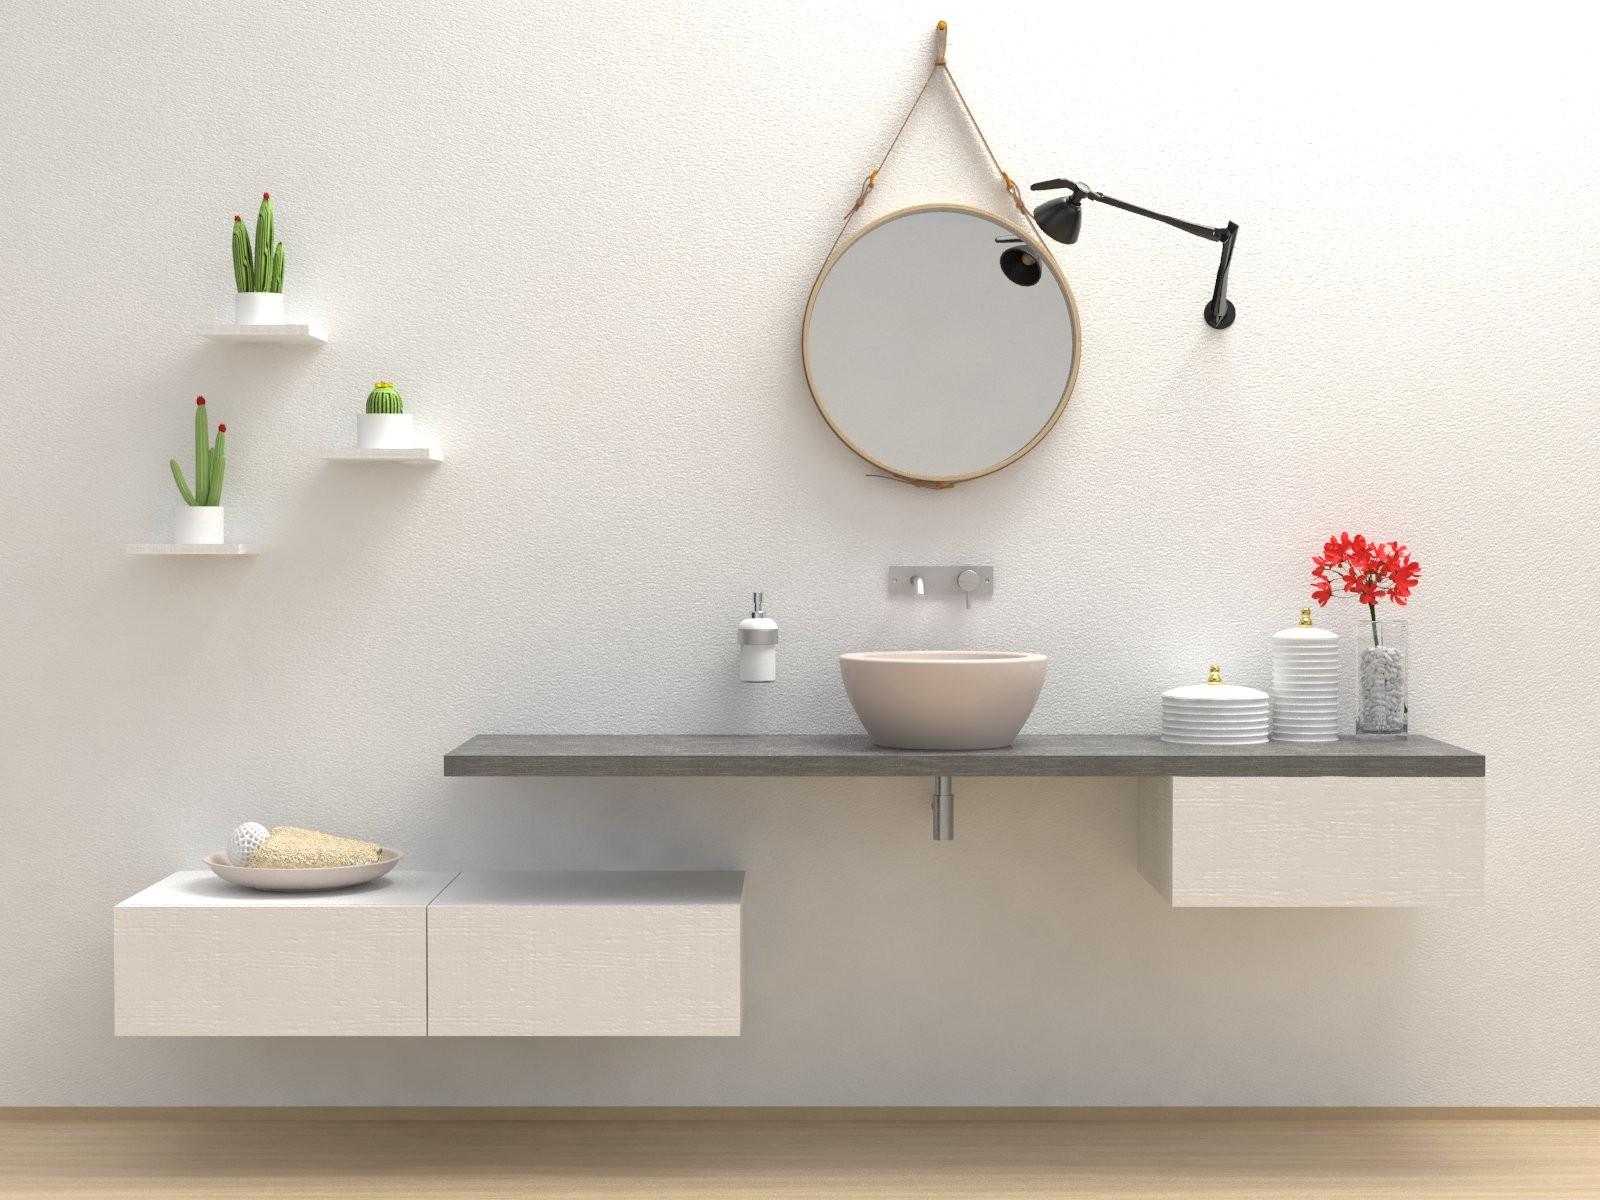 Mensola design mensola arredo bagno in legno in diverse colorazioni ebay - Bagno arredo design ...